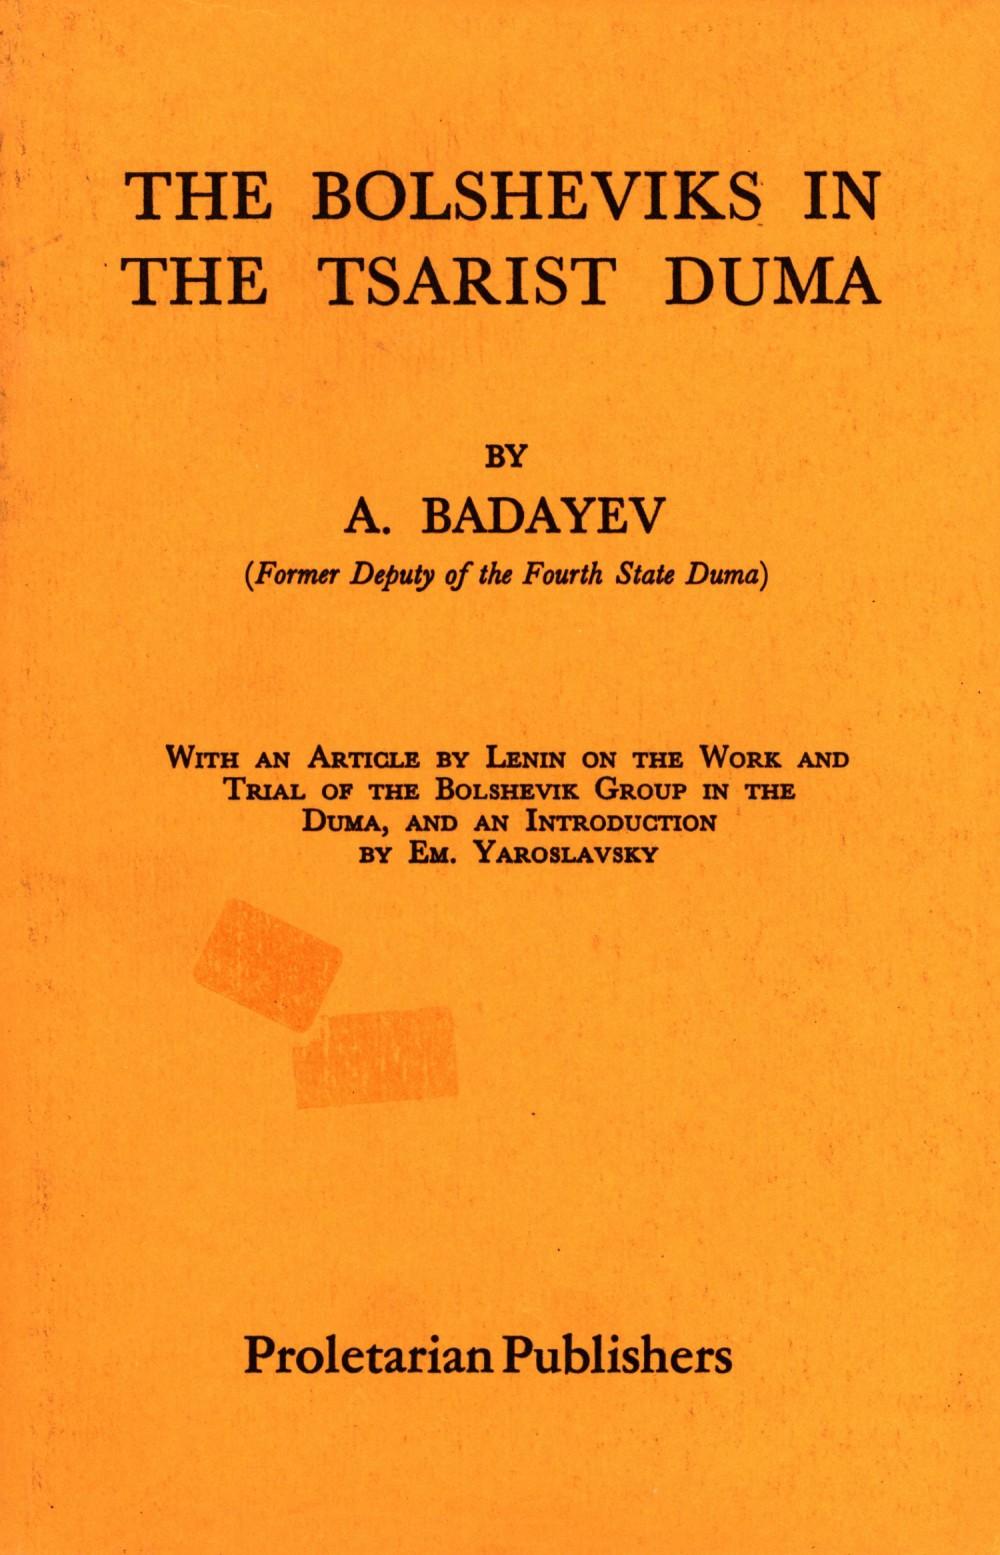 A. Badayev: The Bolsheviks in the Tsarist Duma